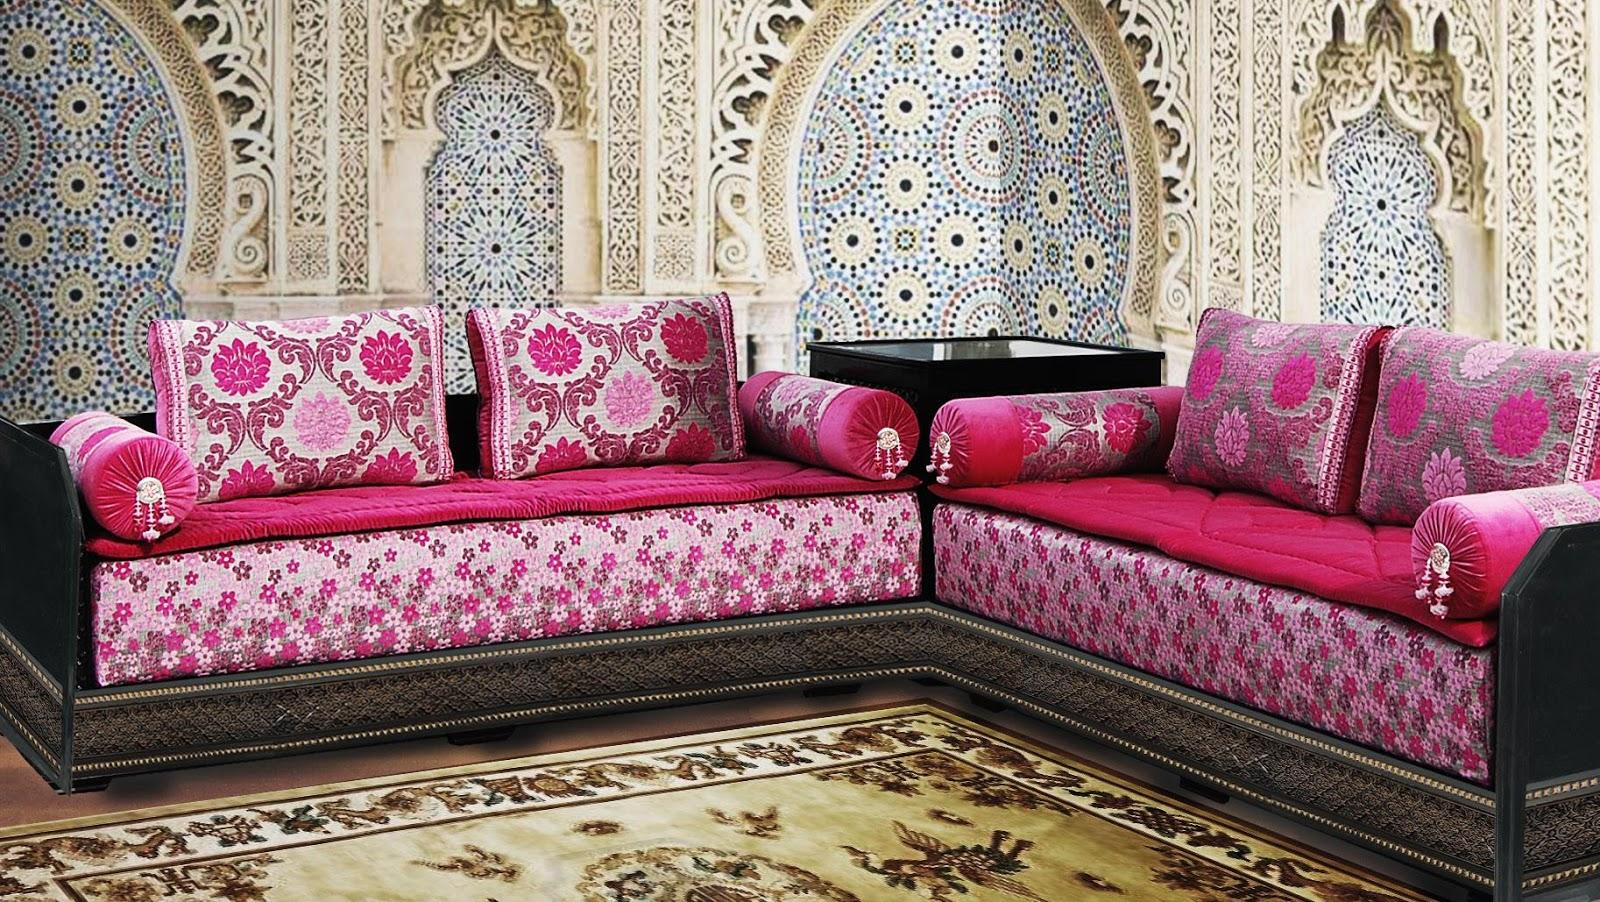 Conseils d co et relooking salon marocain design exceptionnel for Porte de salon marocain